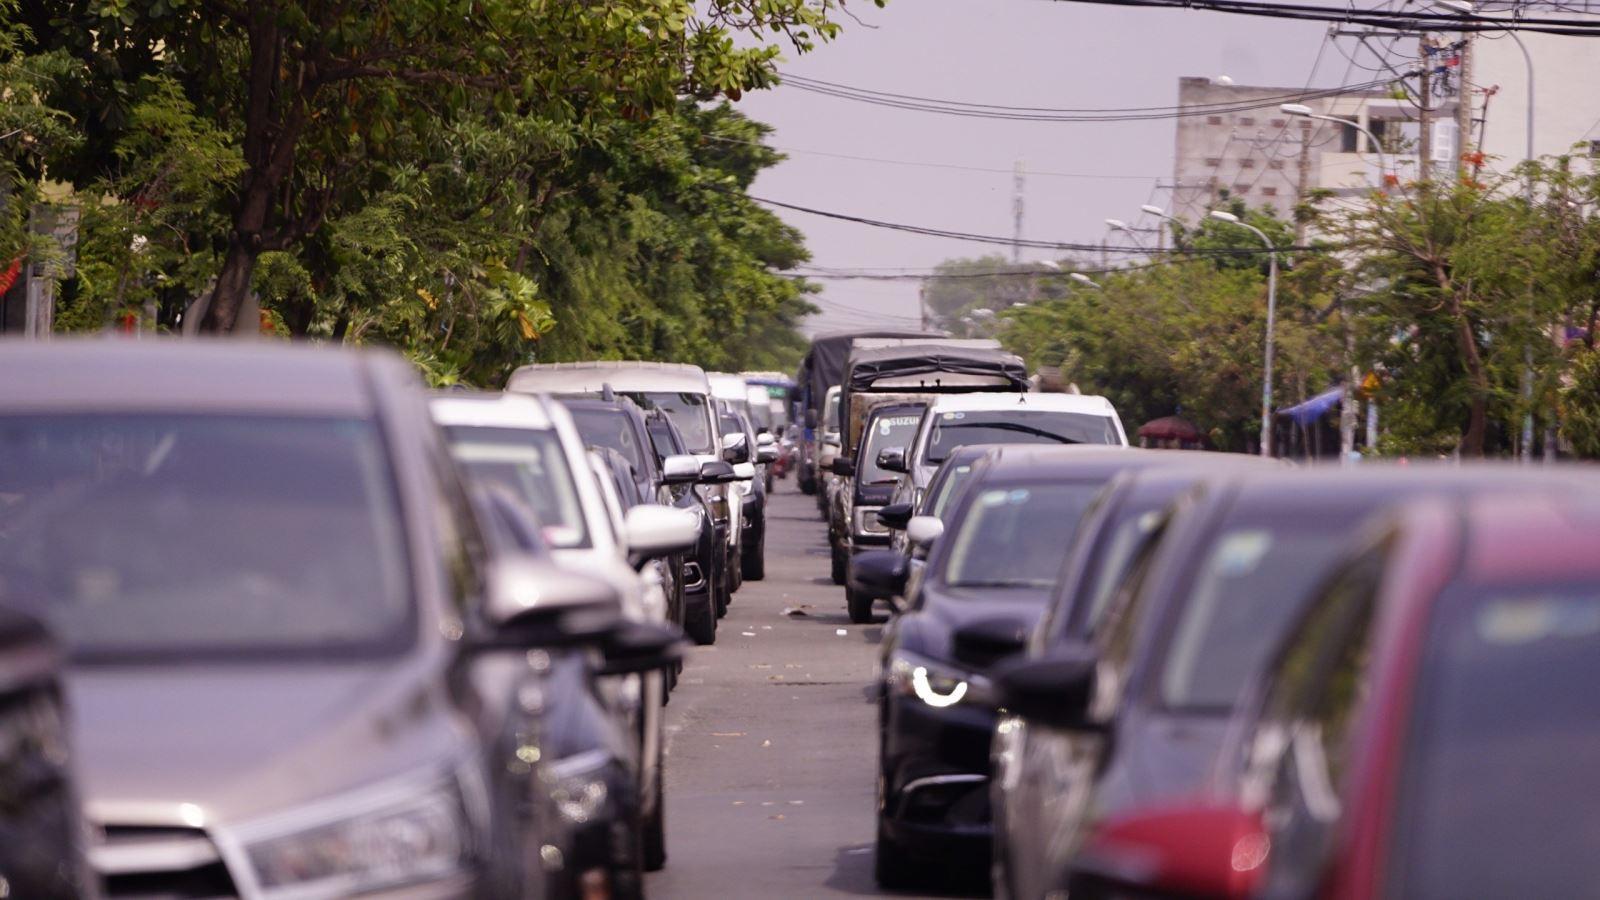 TP.HCM: Người dân đổ xô về Cần Giờ nghỉ lễ khiến phà Bình Khánh ùn tắc kéo dài  - Ảnh 7